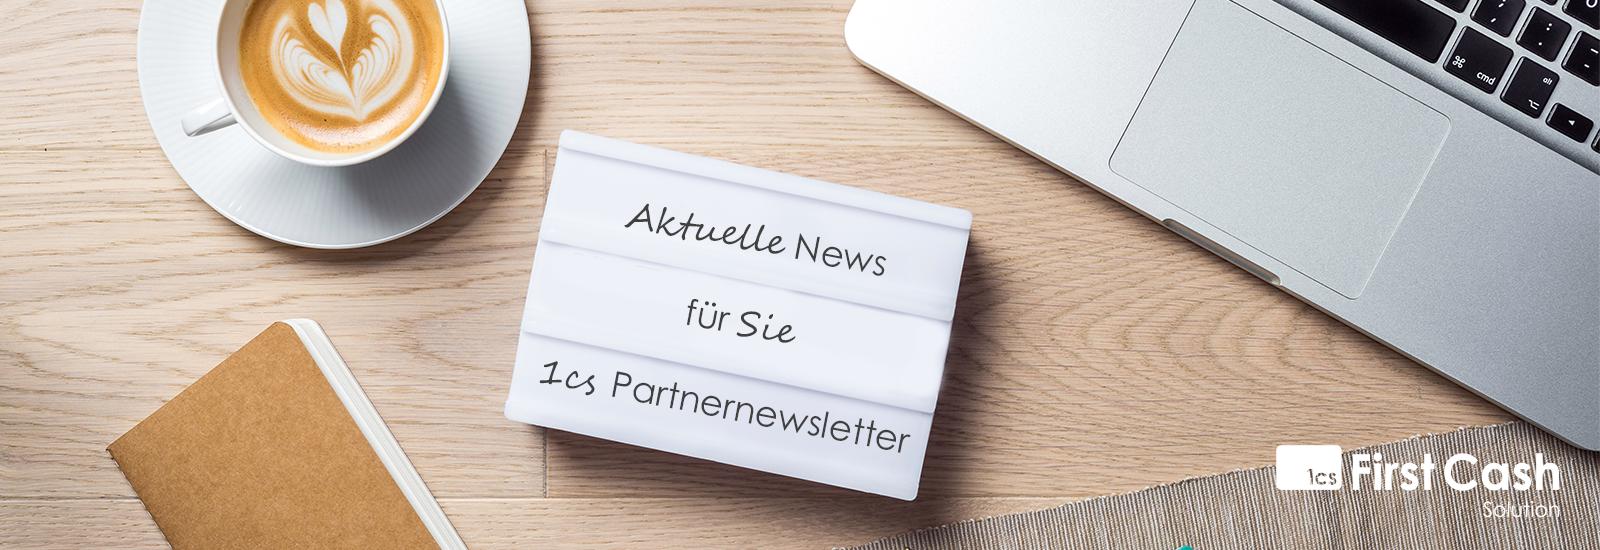 Orange Taste auf Tastatur mit Newsletter Schriftzug und Briefumschlag